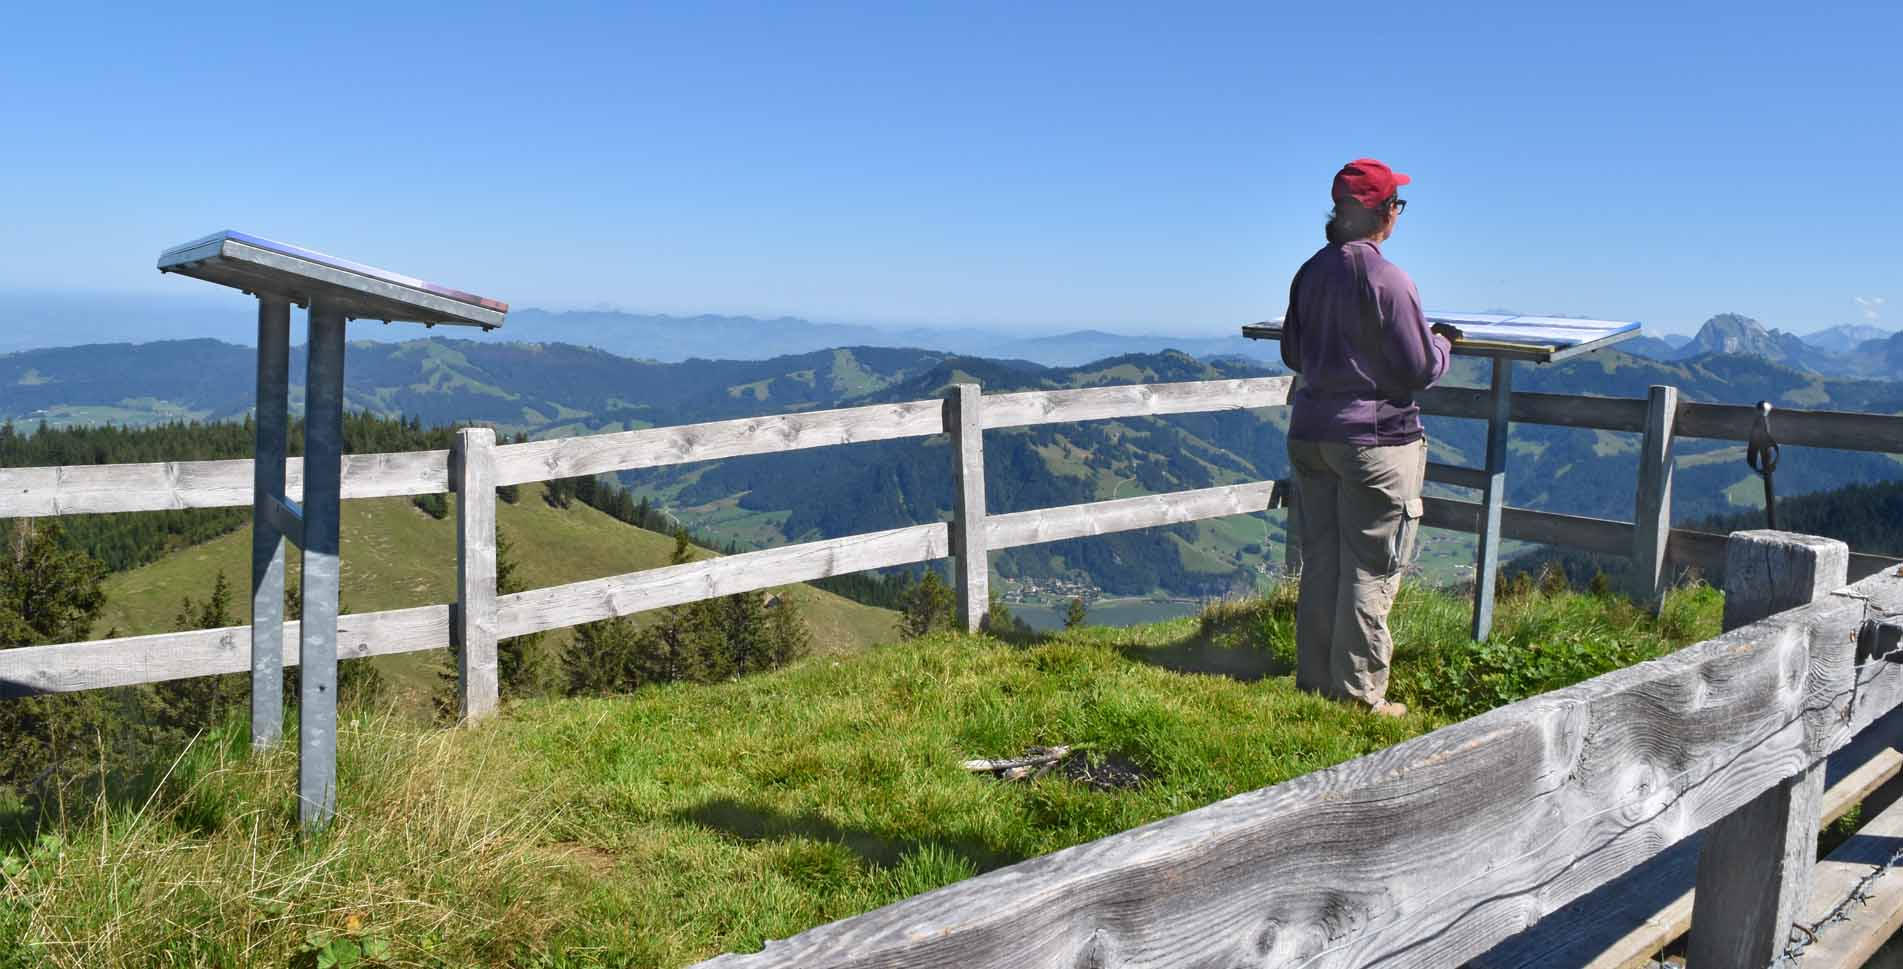 Wanderung von Gross Ebenau am Sihlsee via Hummel durch das Naturschutzgebiet Ibergeregg via Bögliegg, Spital nach Unteriberg